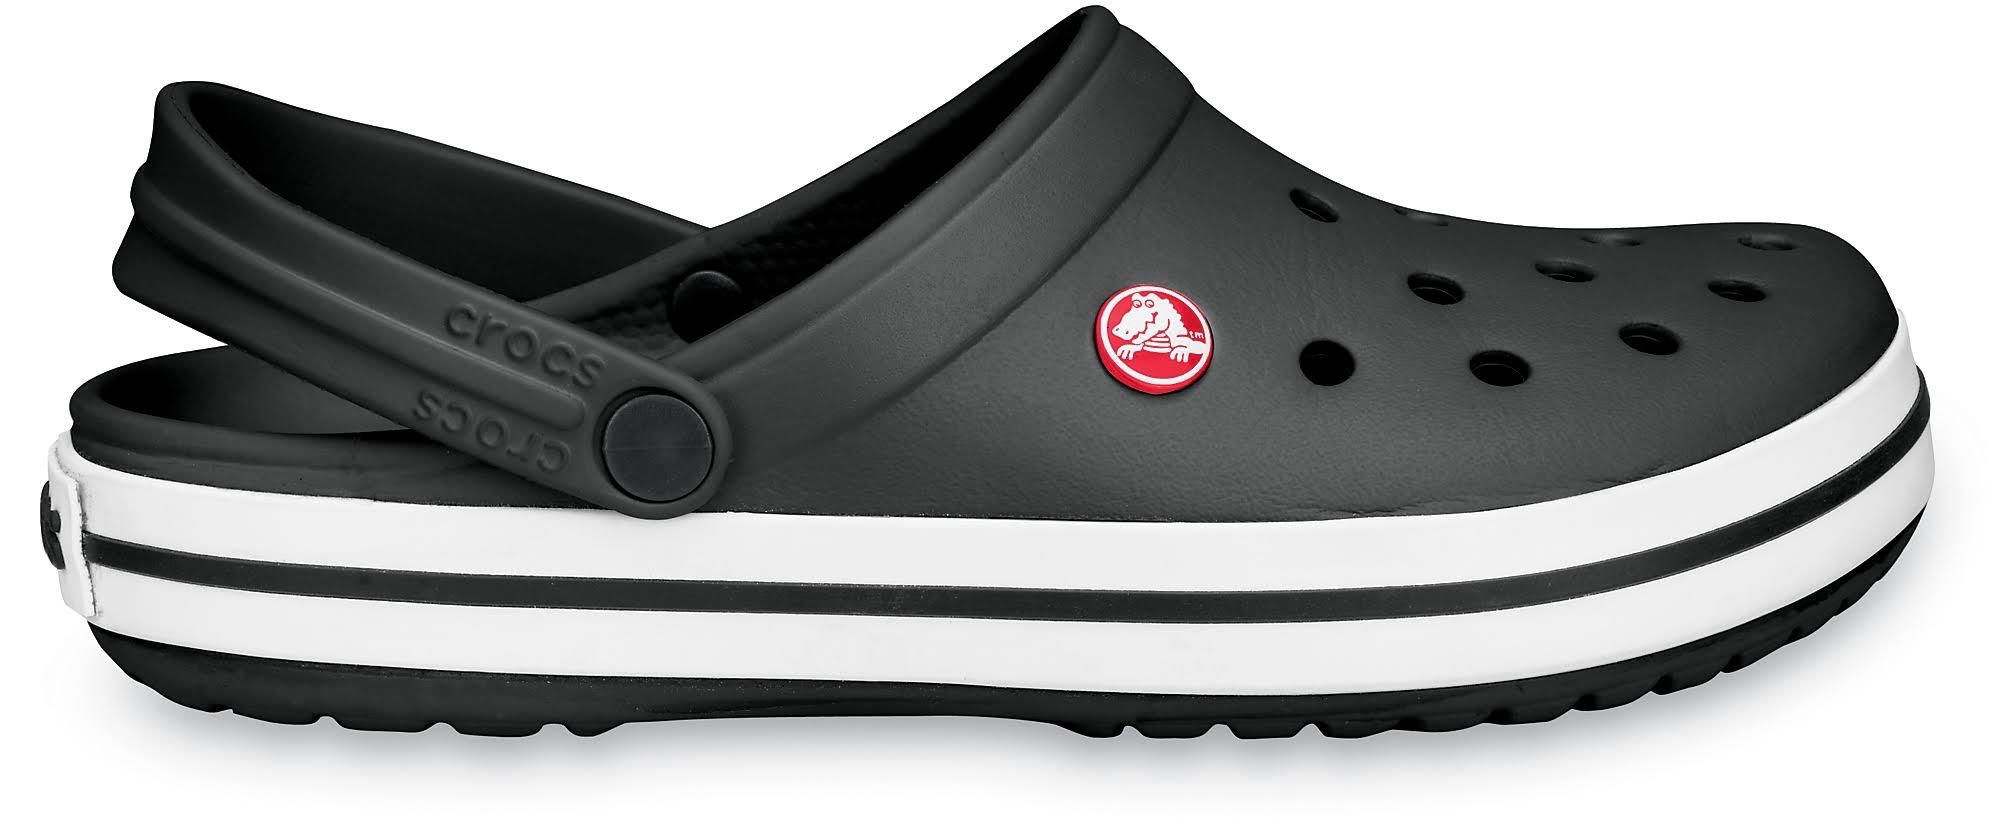 Crocs Crocs Crocs Crocband Clog Black Black Black Crocband Clog 8N0nwm